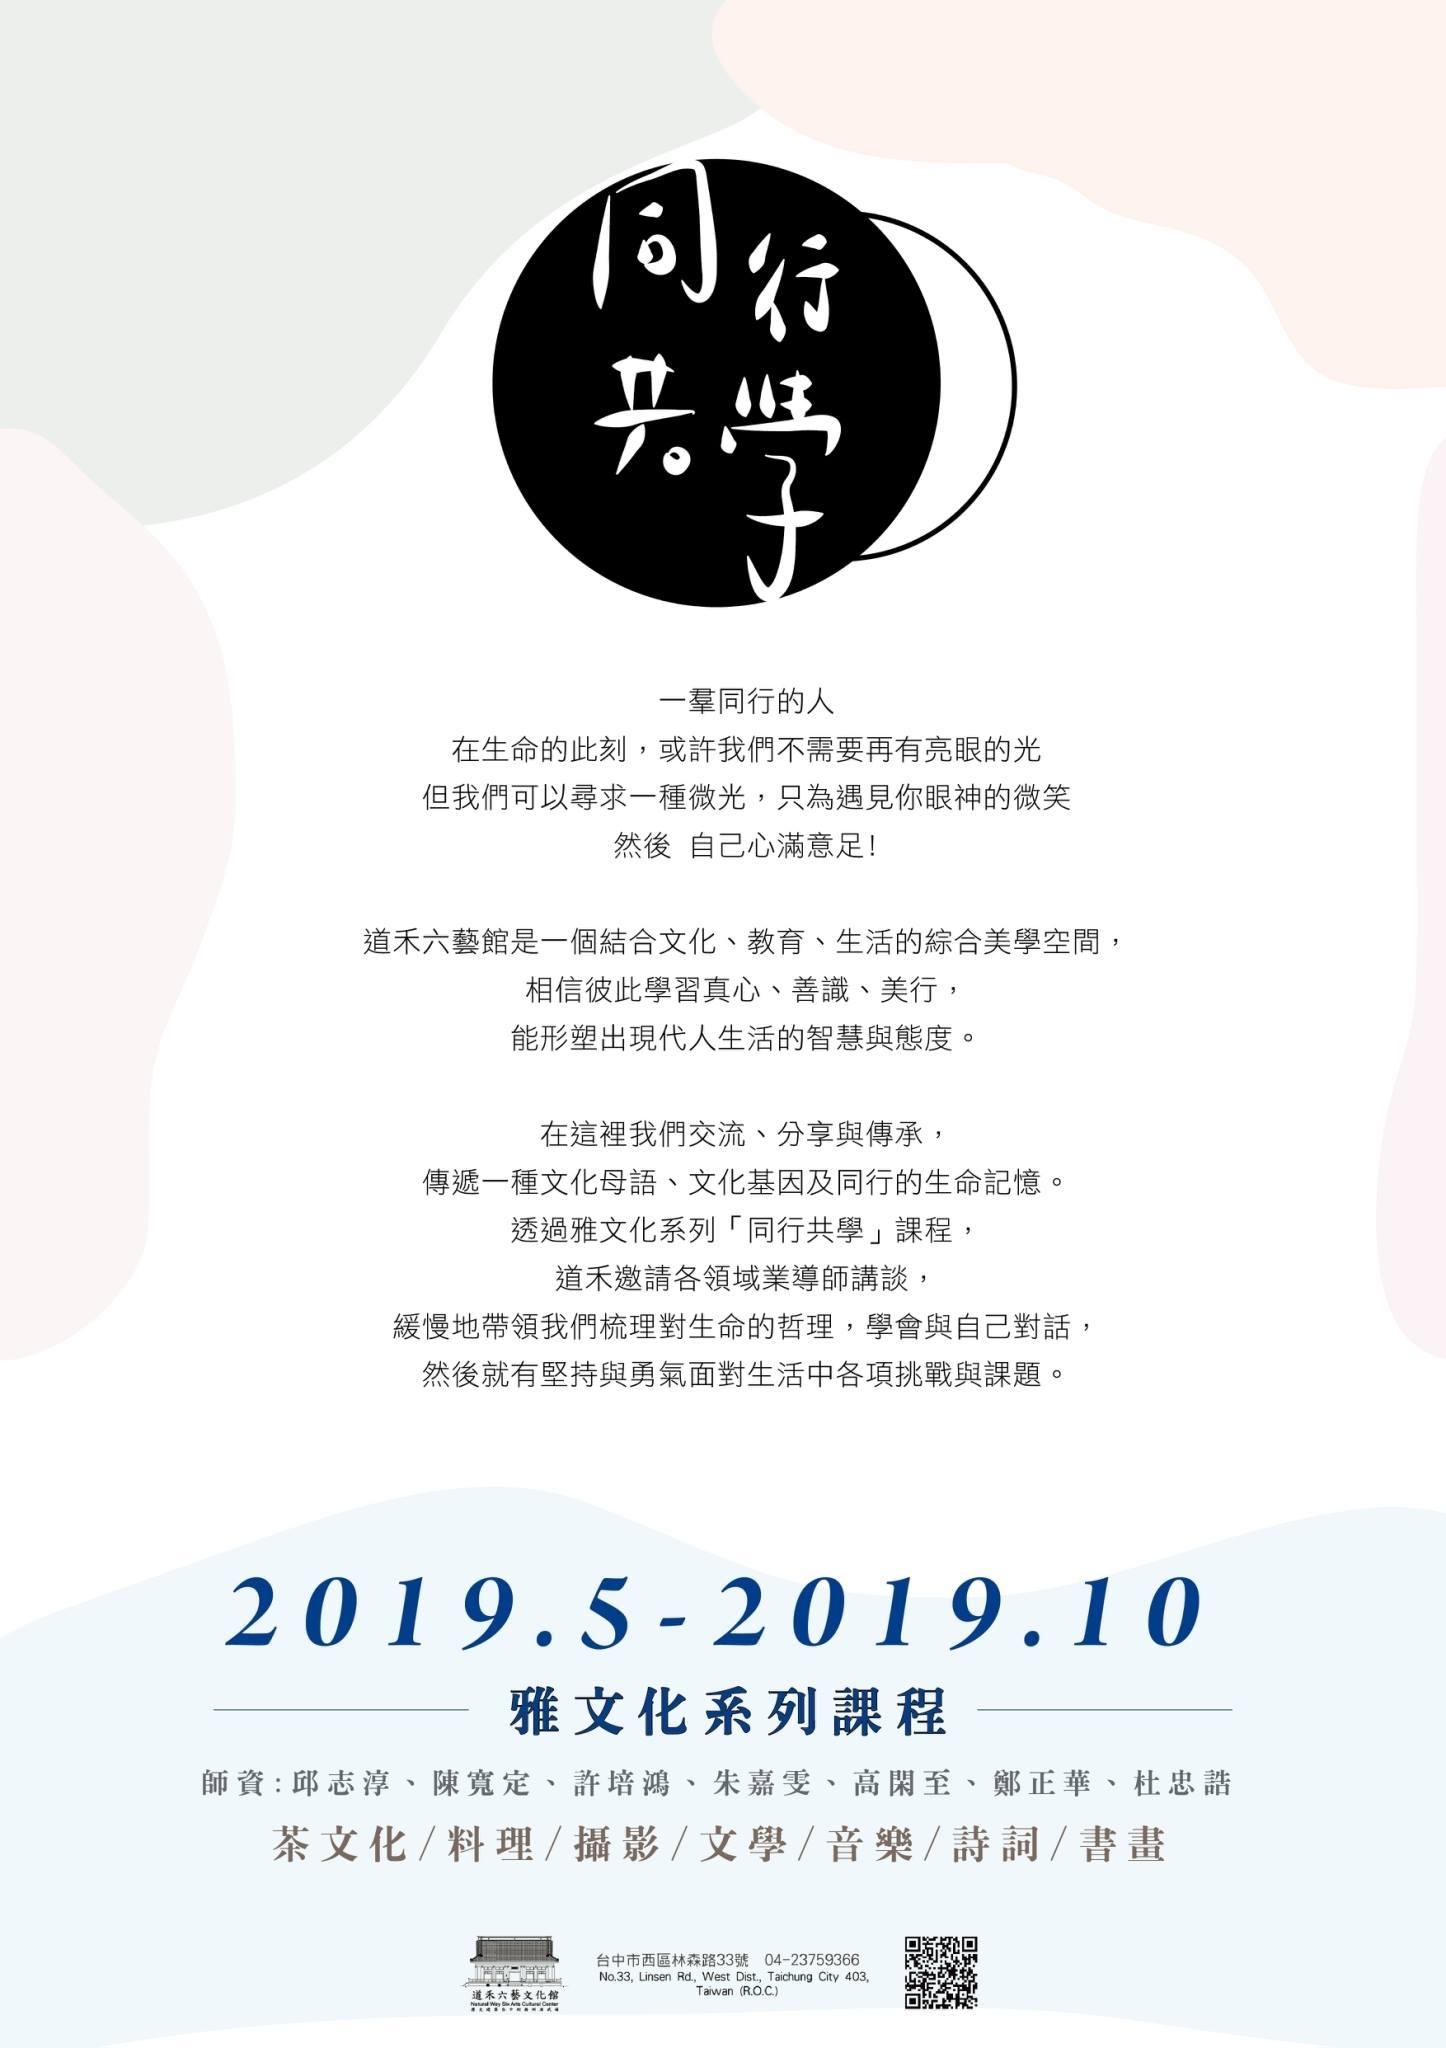 【道禾雅文化系列「同行共學」課程】